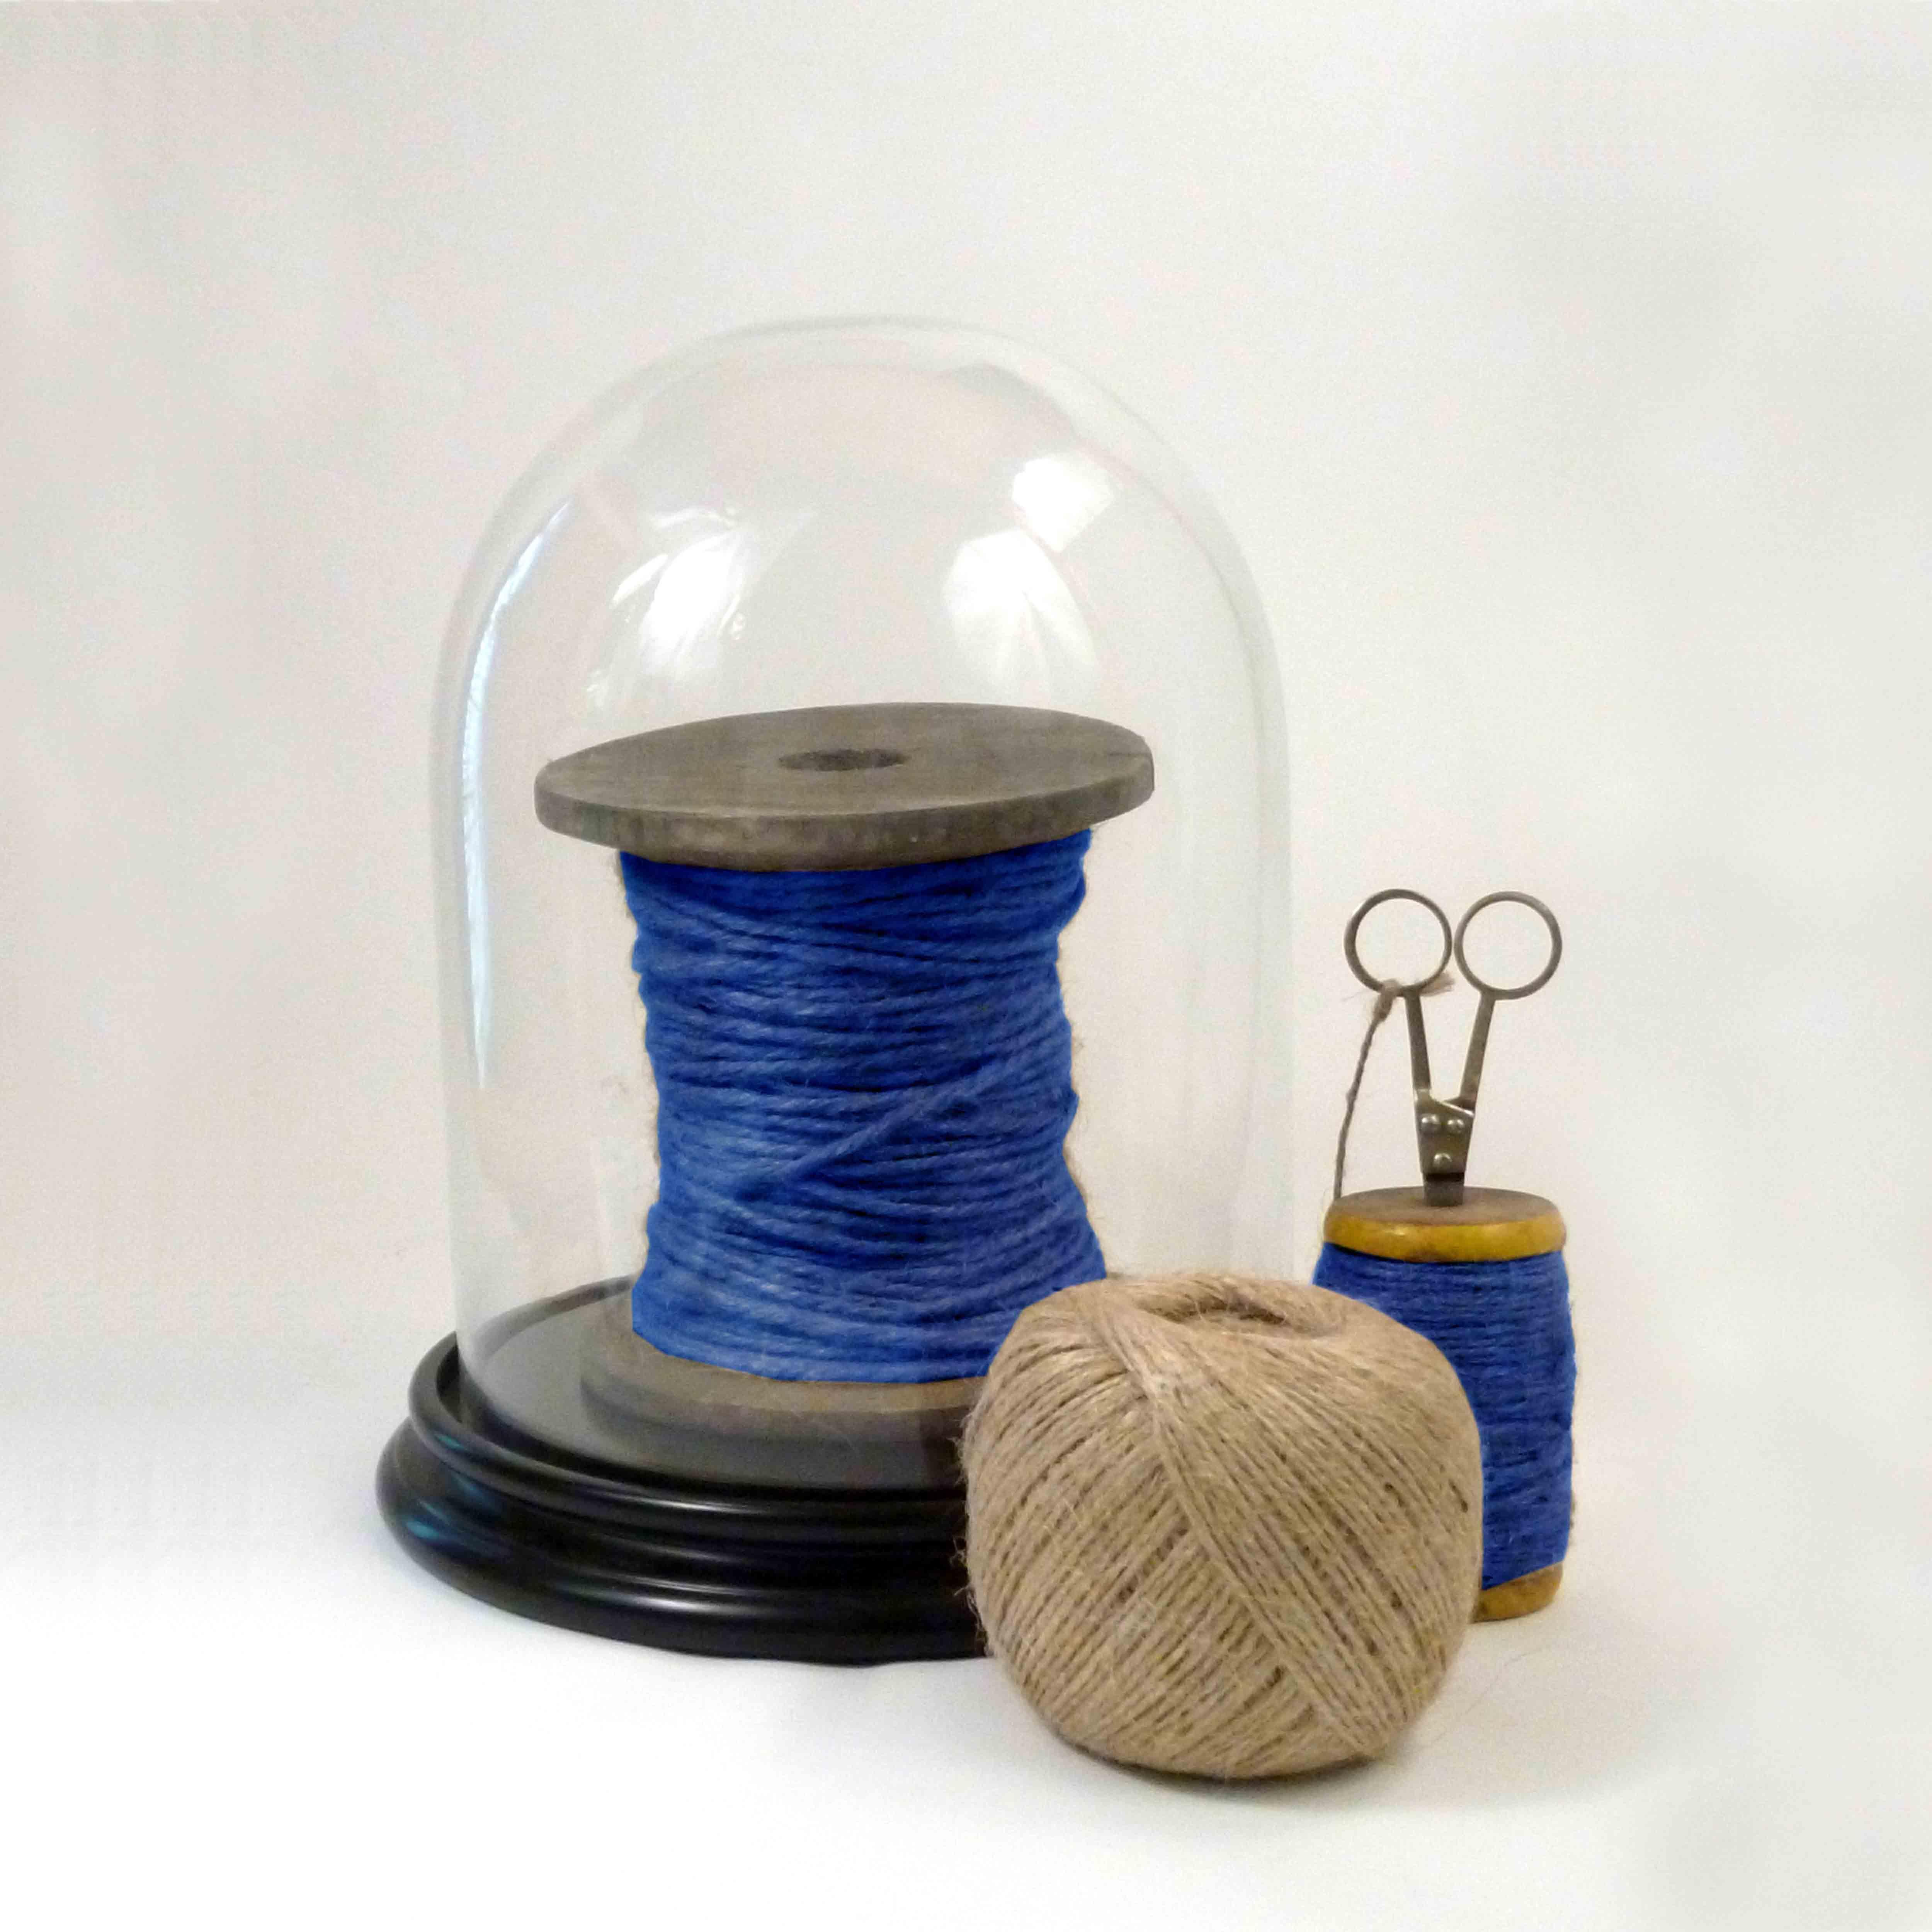 022 BLUE BELL JAR WITH STRING v02